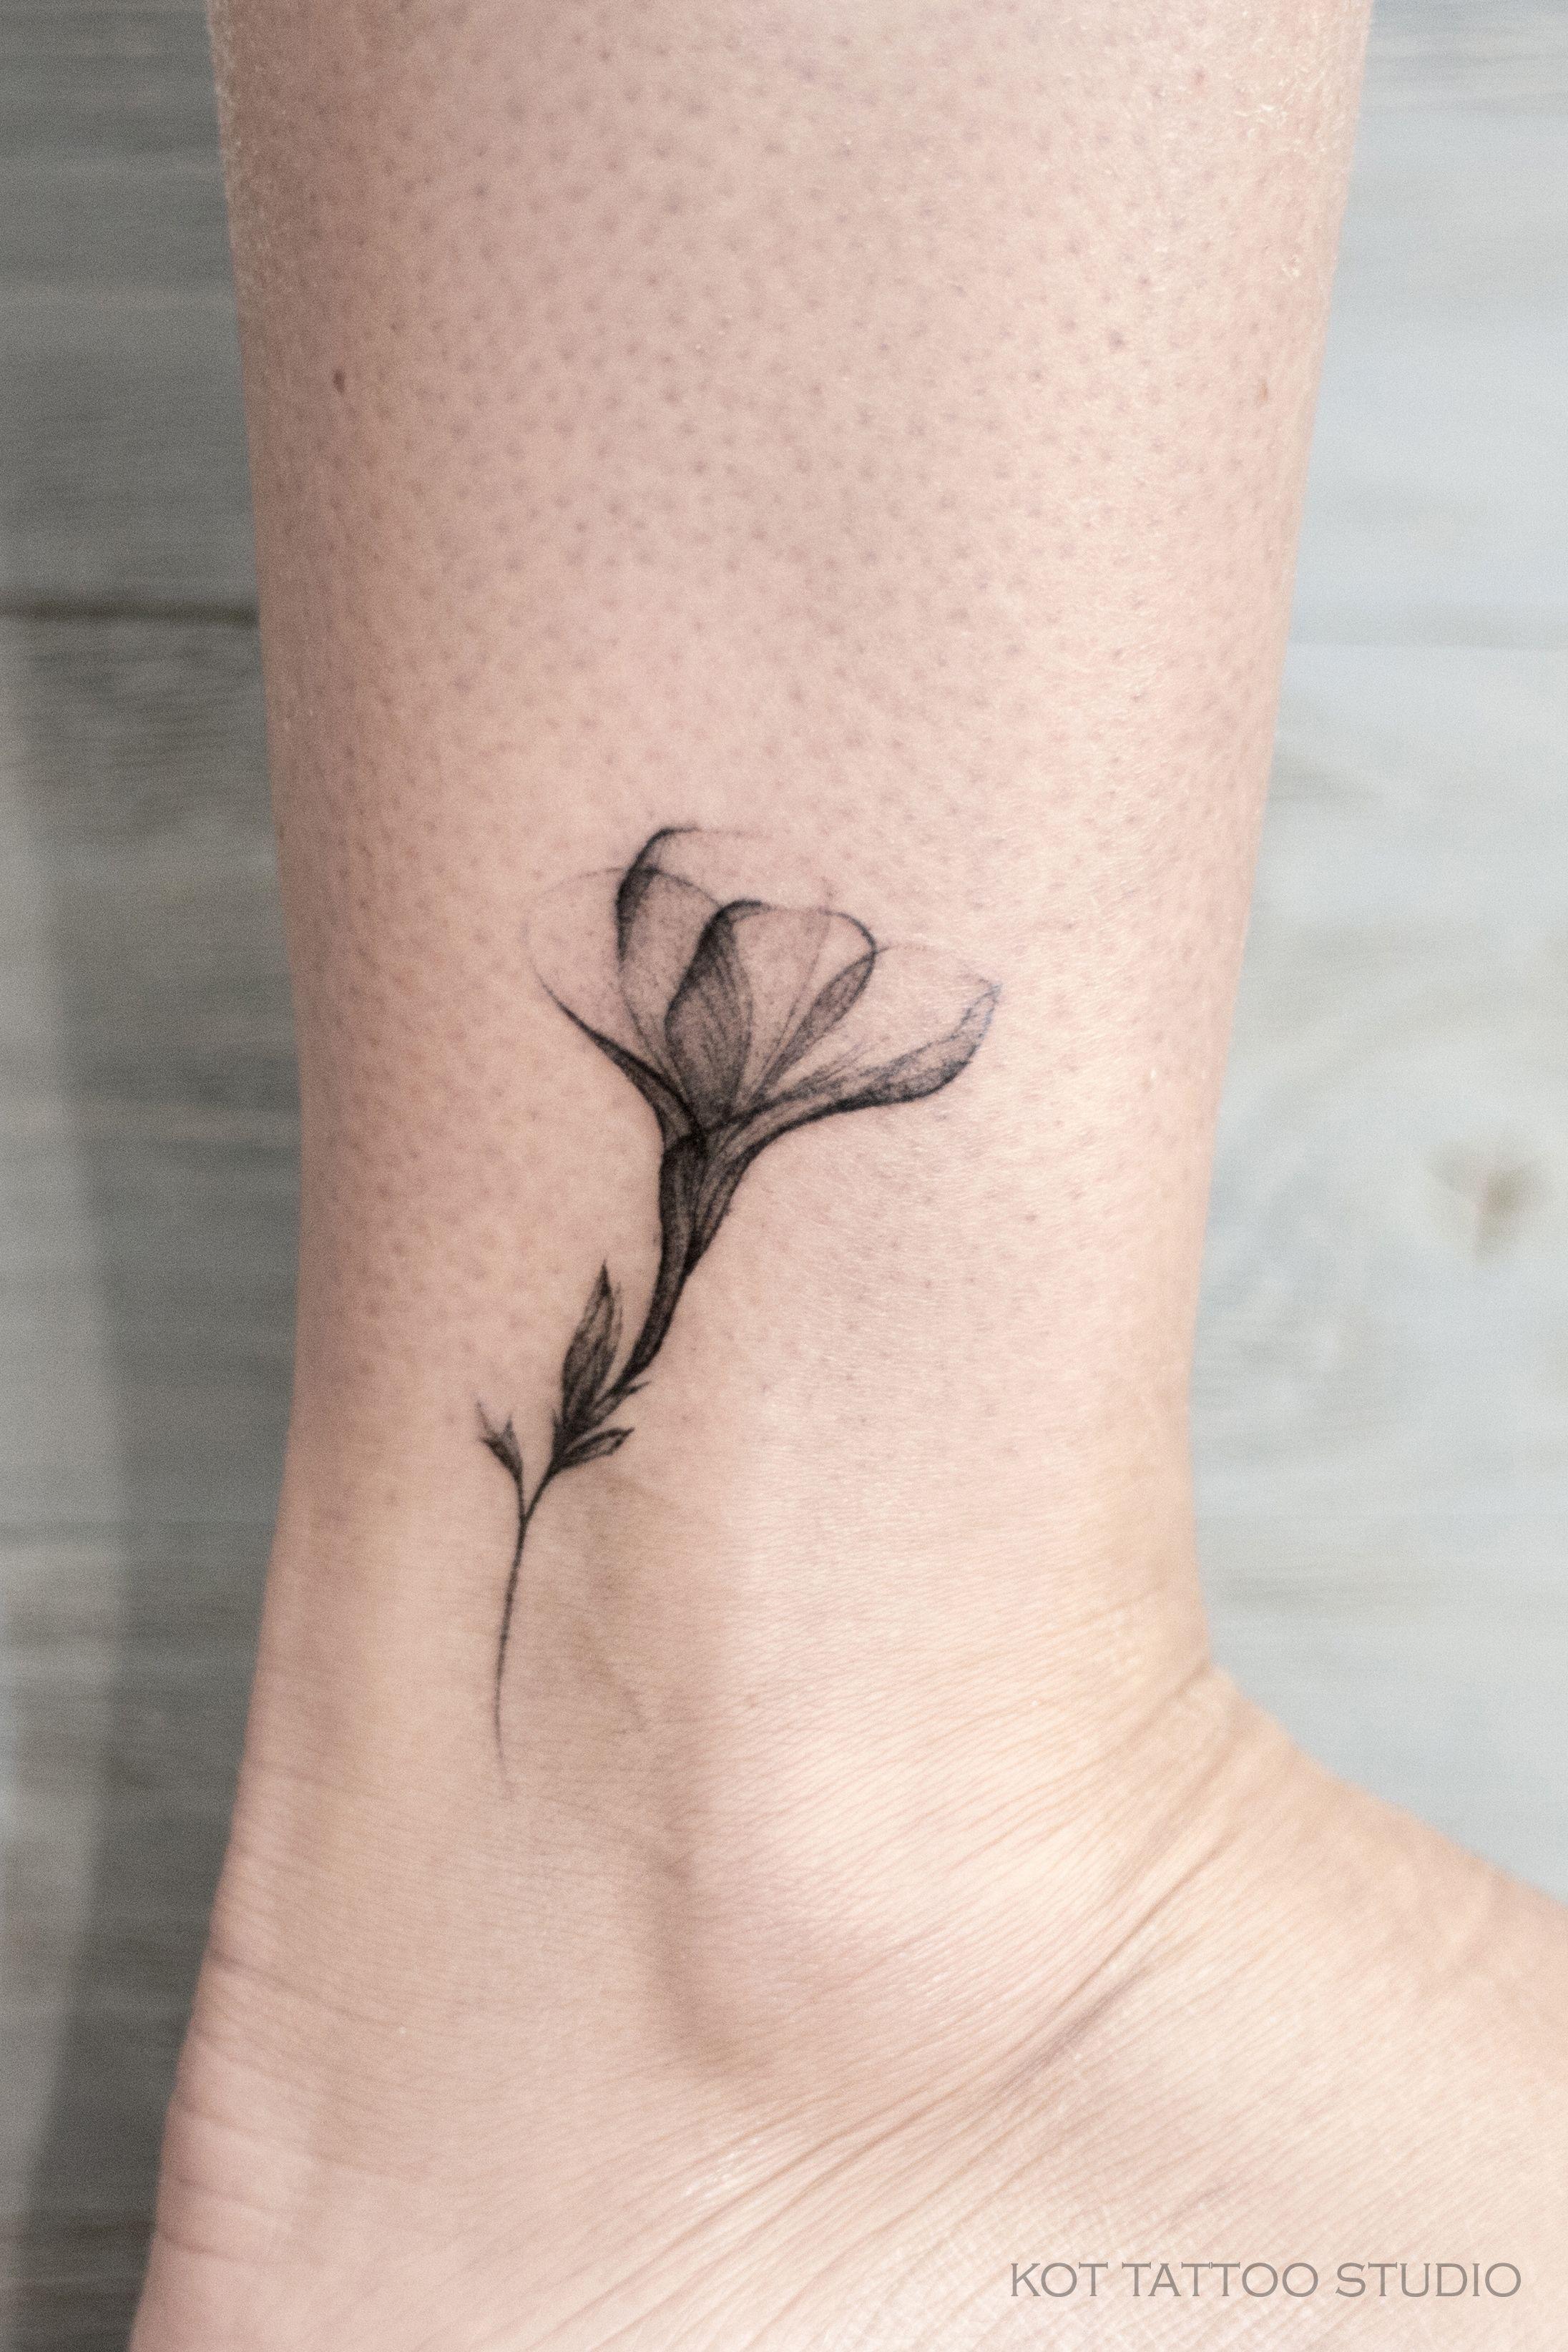 идея для тату эскиза для девушек черно белый цветок на ноге в